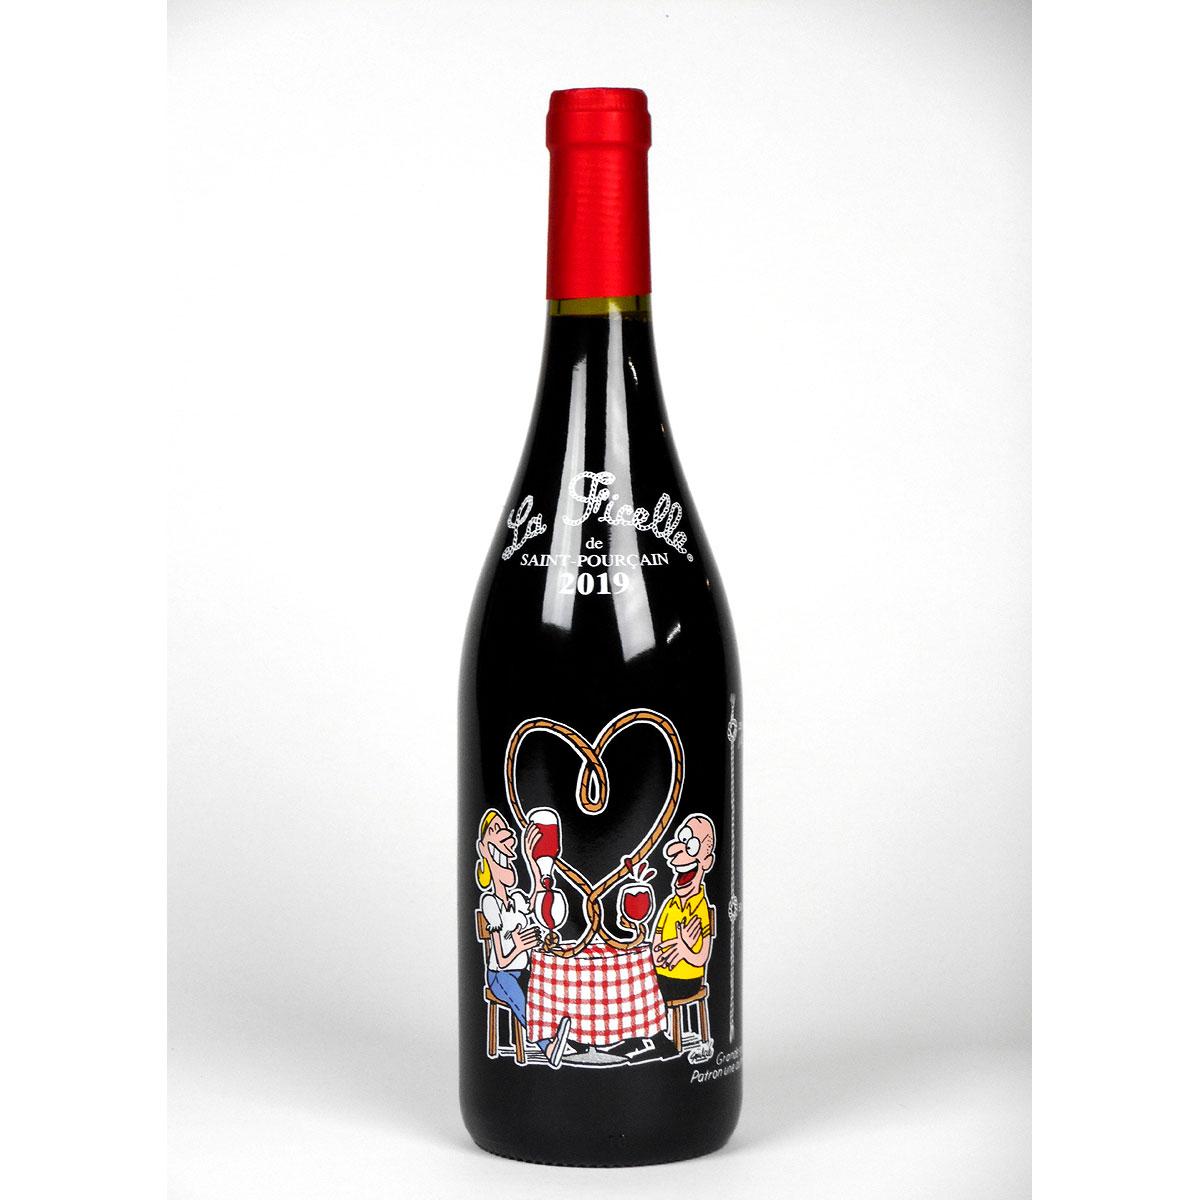 Saint-Pourçain: 'La Ficelle' Rouge 2019 - Bottle